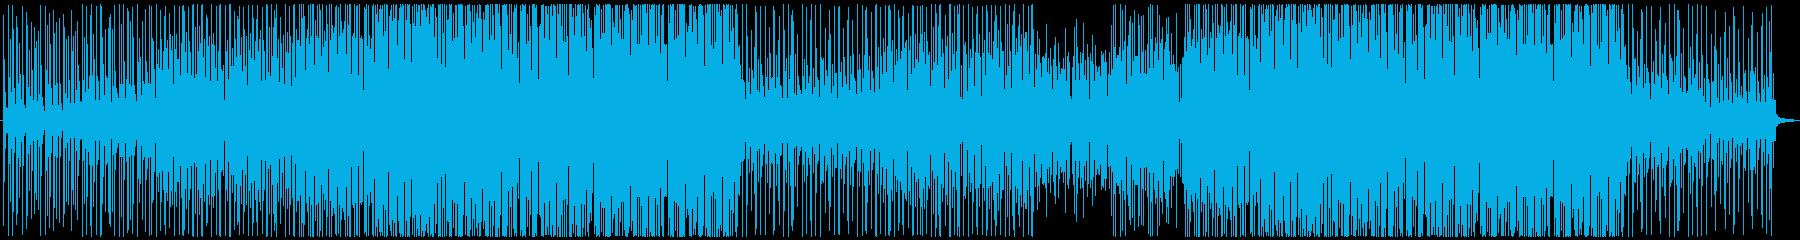 ギターとマリンバの爽やかで明るい楽曲の再生済みの波形